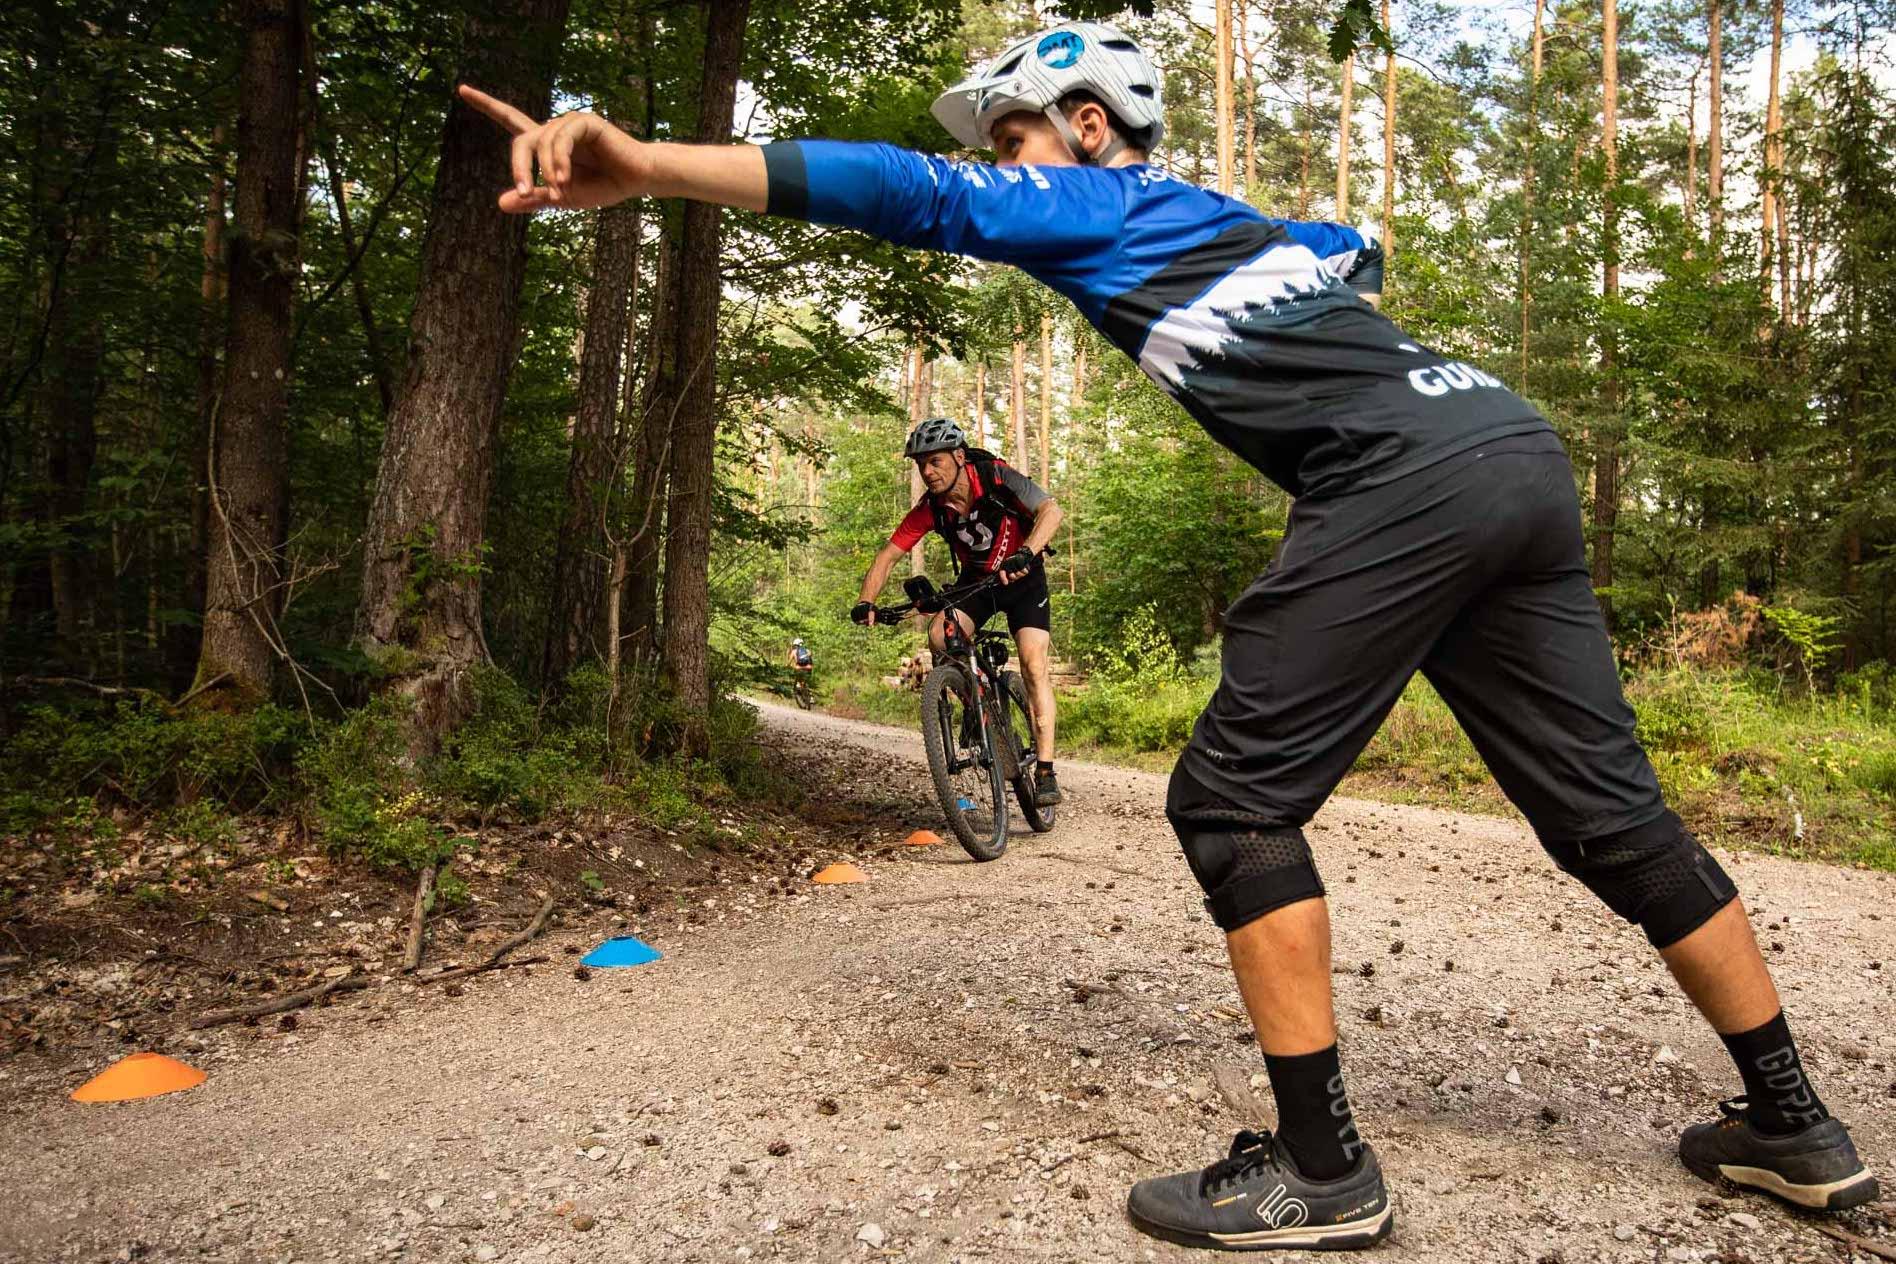 Fahrtechnik Wochenende Basic+ Winterberg Sauerland Intensiv Training - Rock my Trail - Bikeschule -10